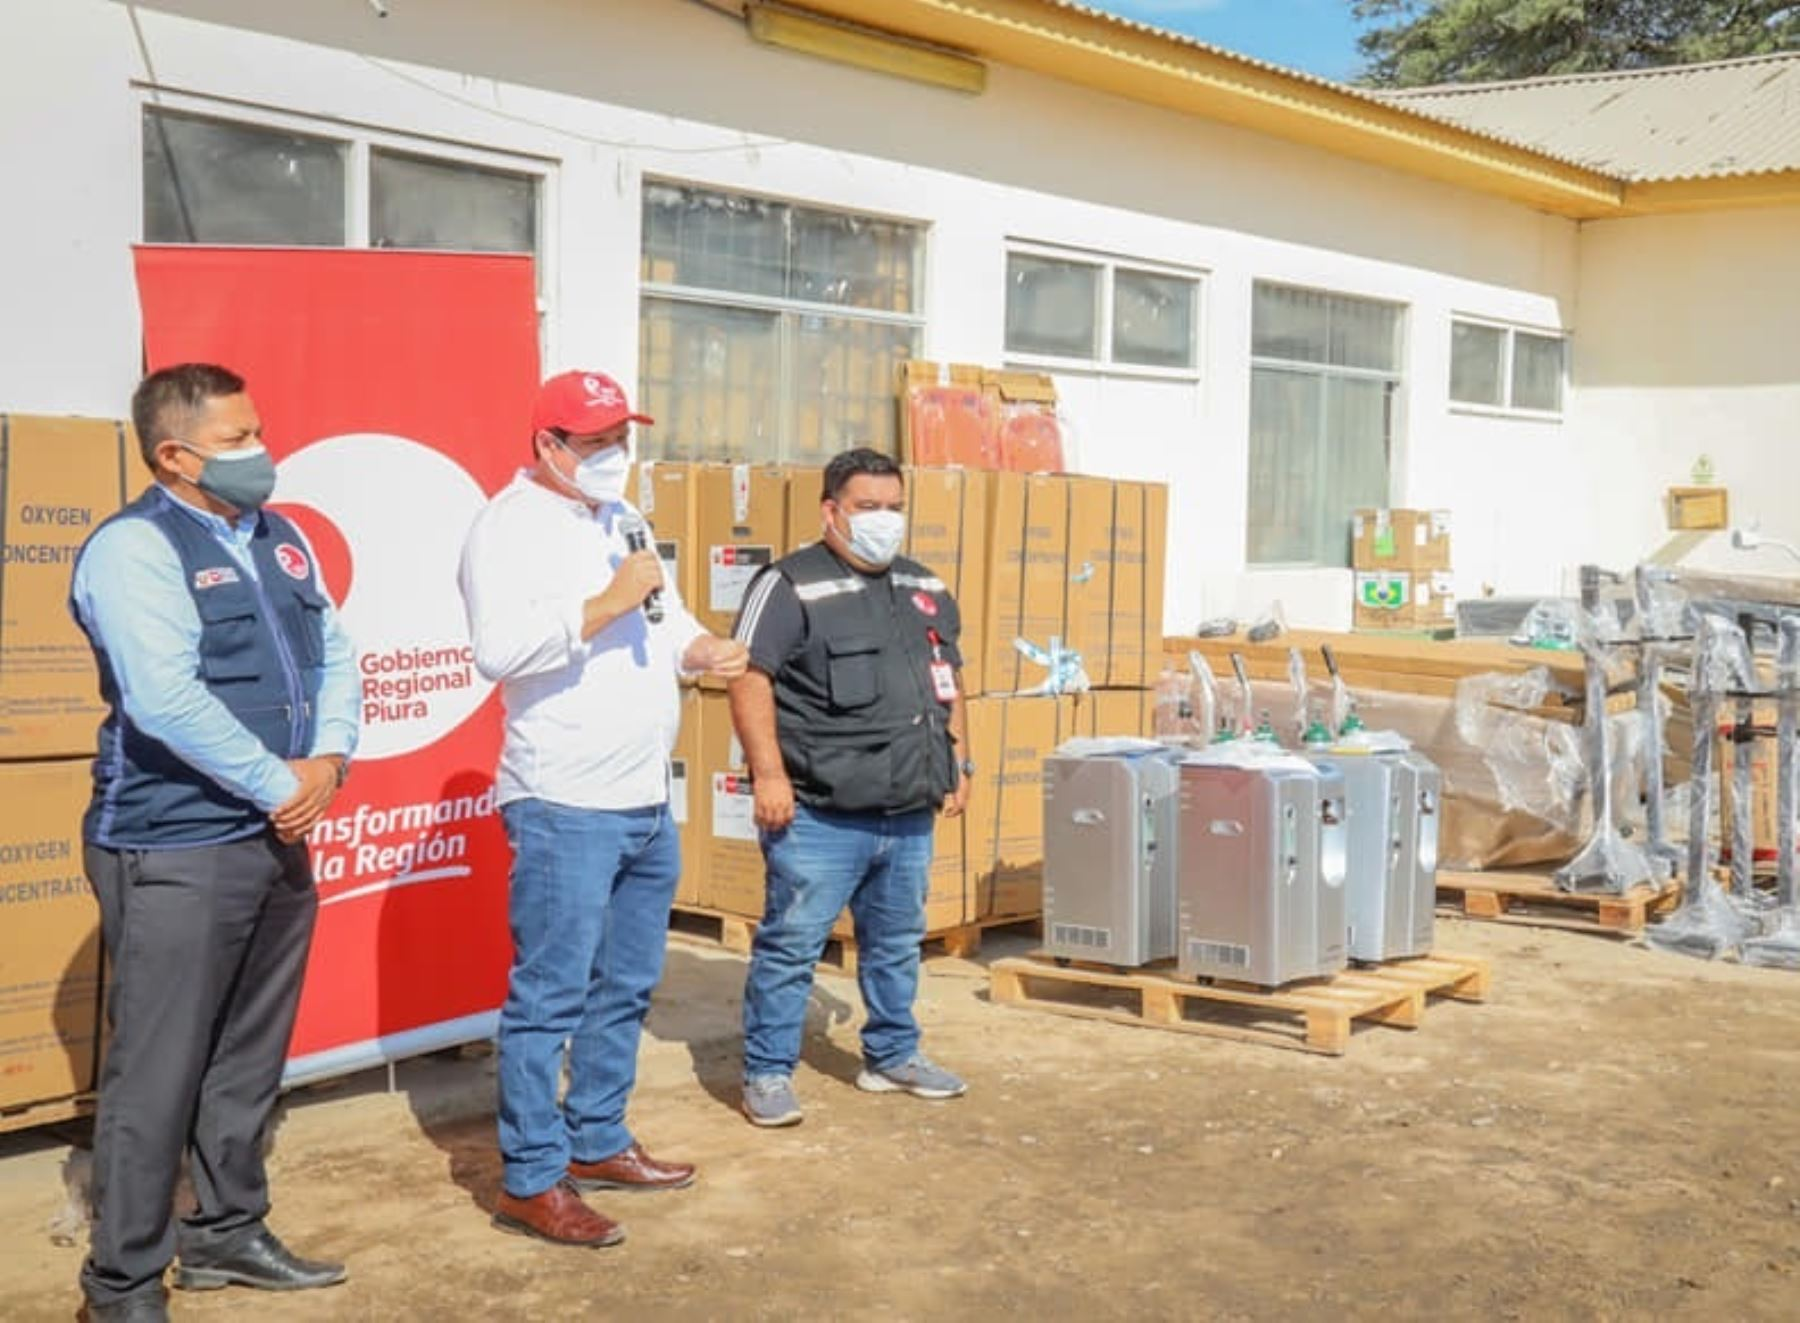 Piura recibe 380 concentradores de oxígeno para fortalecer lucha contra la covid-19. Los equipos fueron entregados por el Ministerio de Salud.